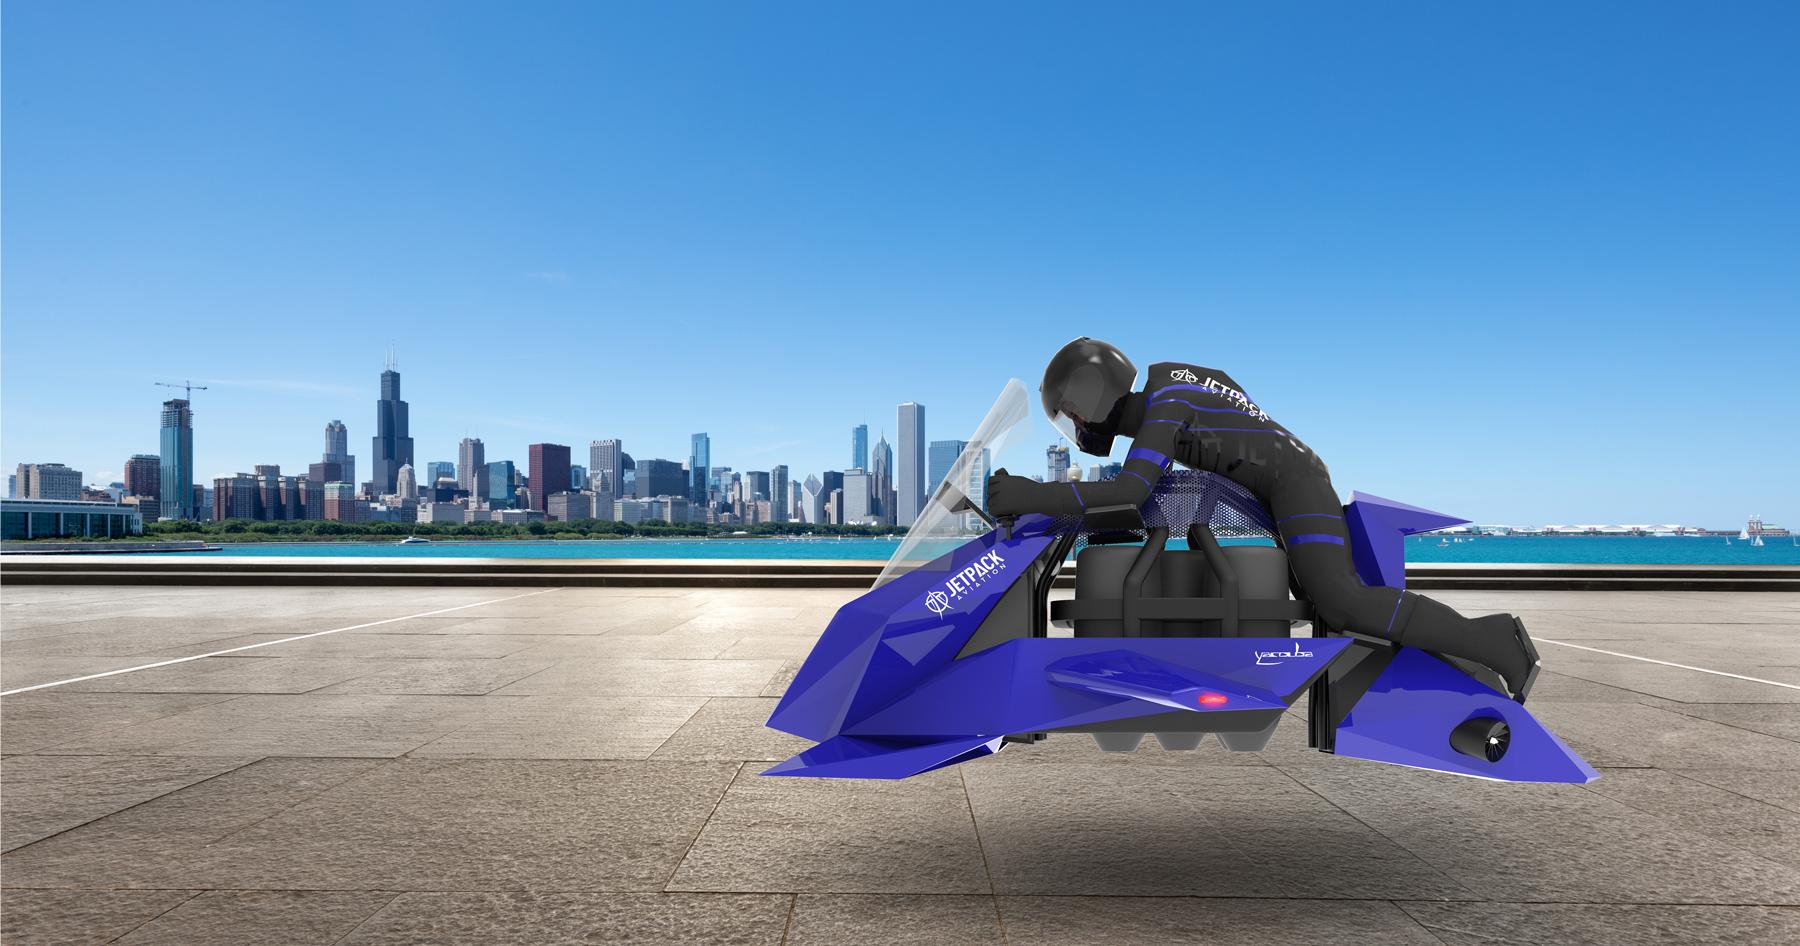 Toto je nová futuristická lietajúca motorka Speeder. Dokáže ísť cez 200 km/h a kúpiť si ju budeš môcť aj ty